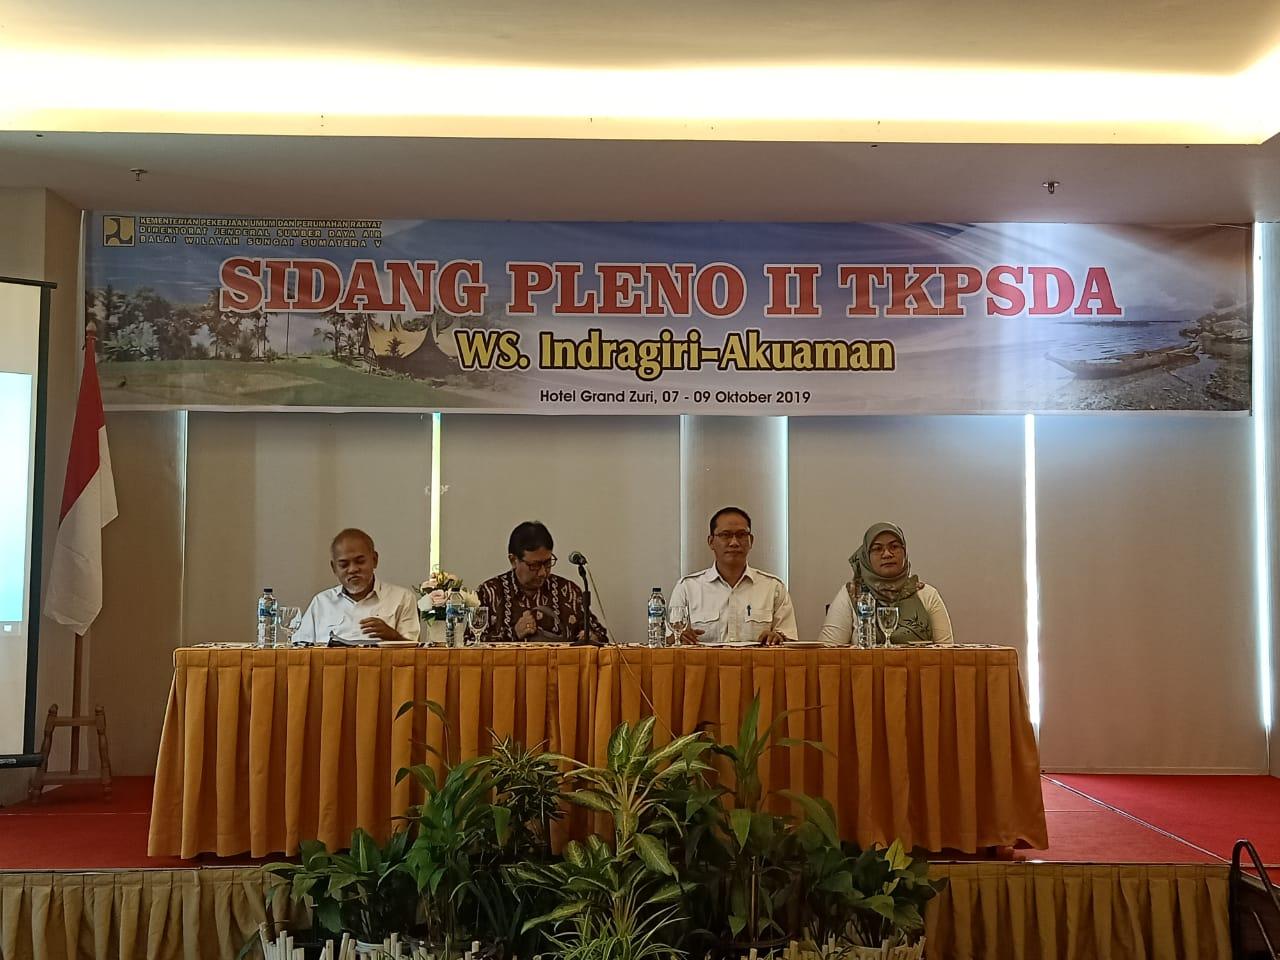 Sidang Pleno Ke II TKPSDA WS. Indragiri-Akuaman